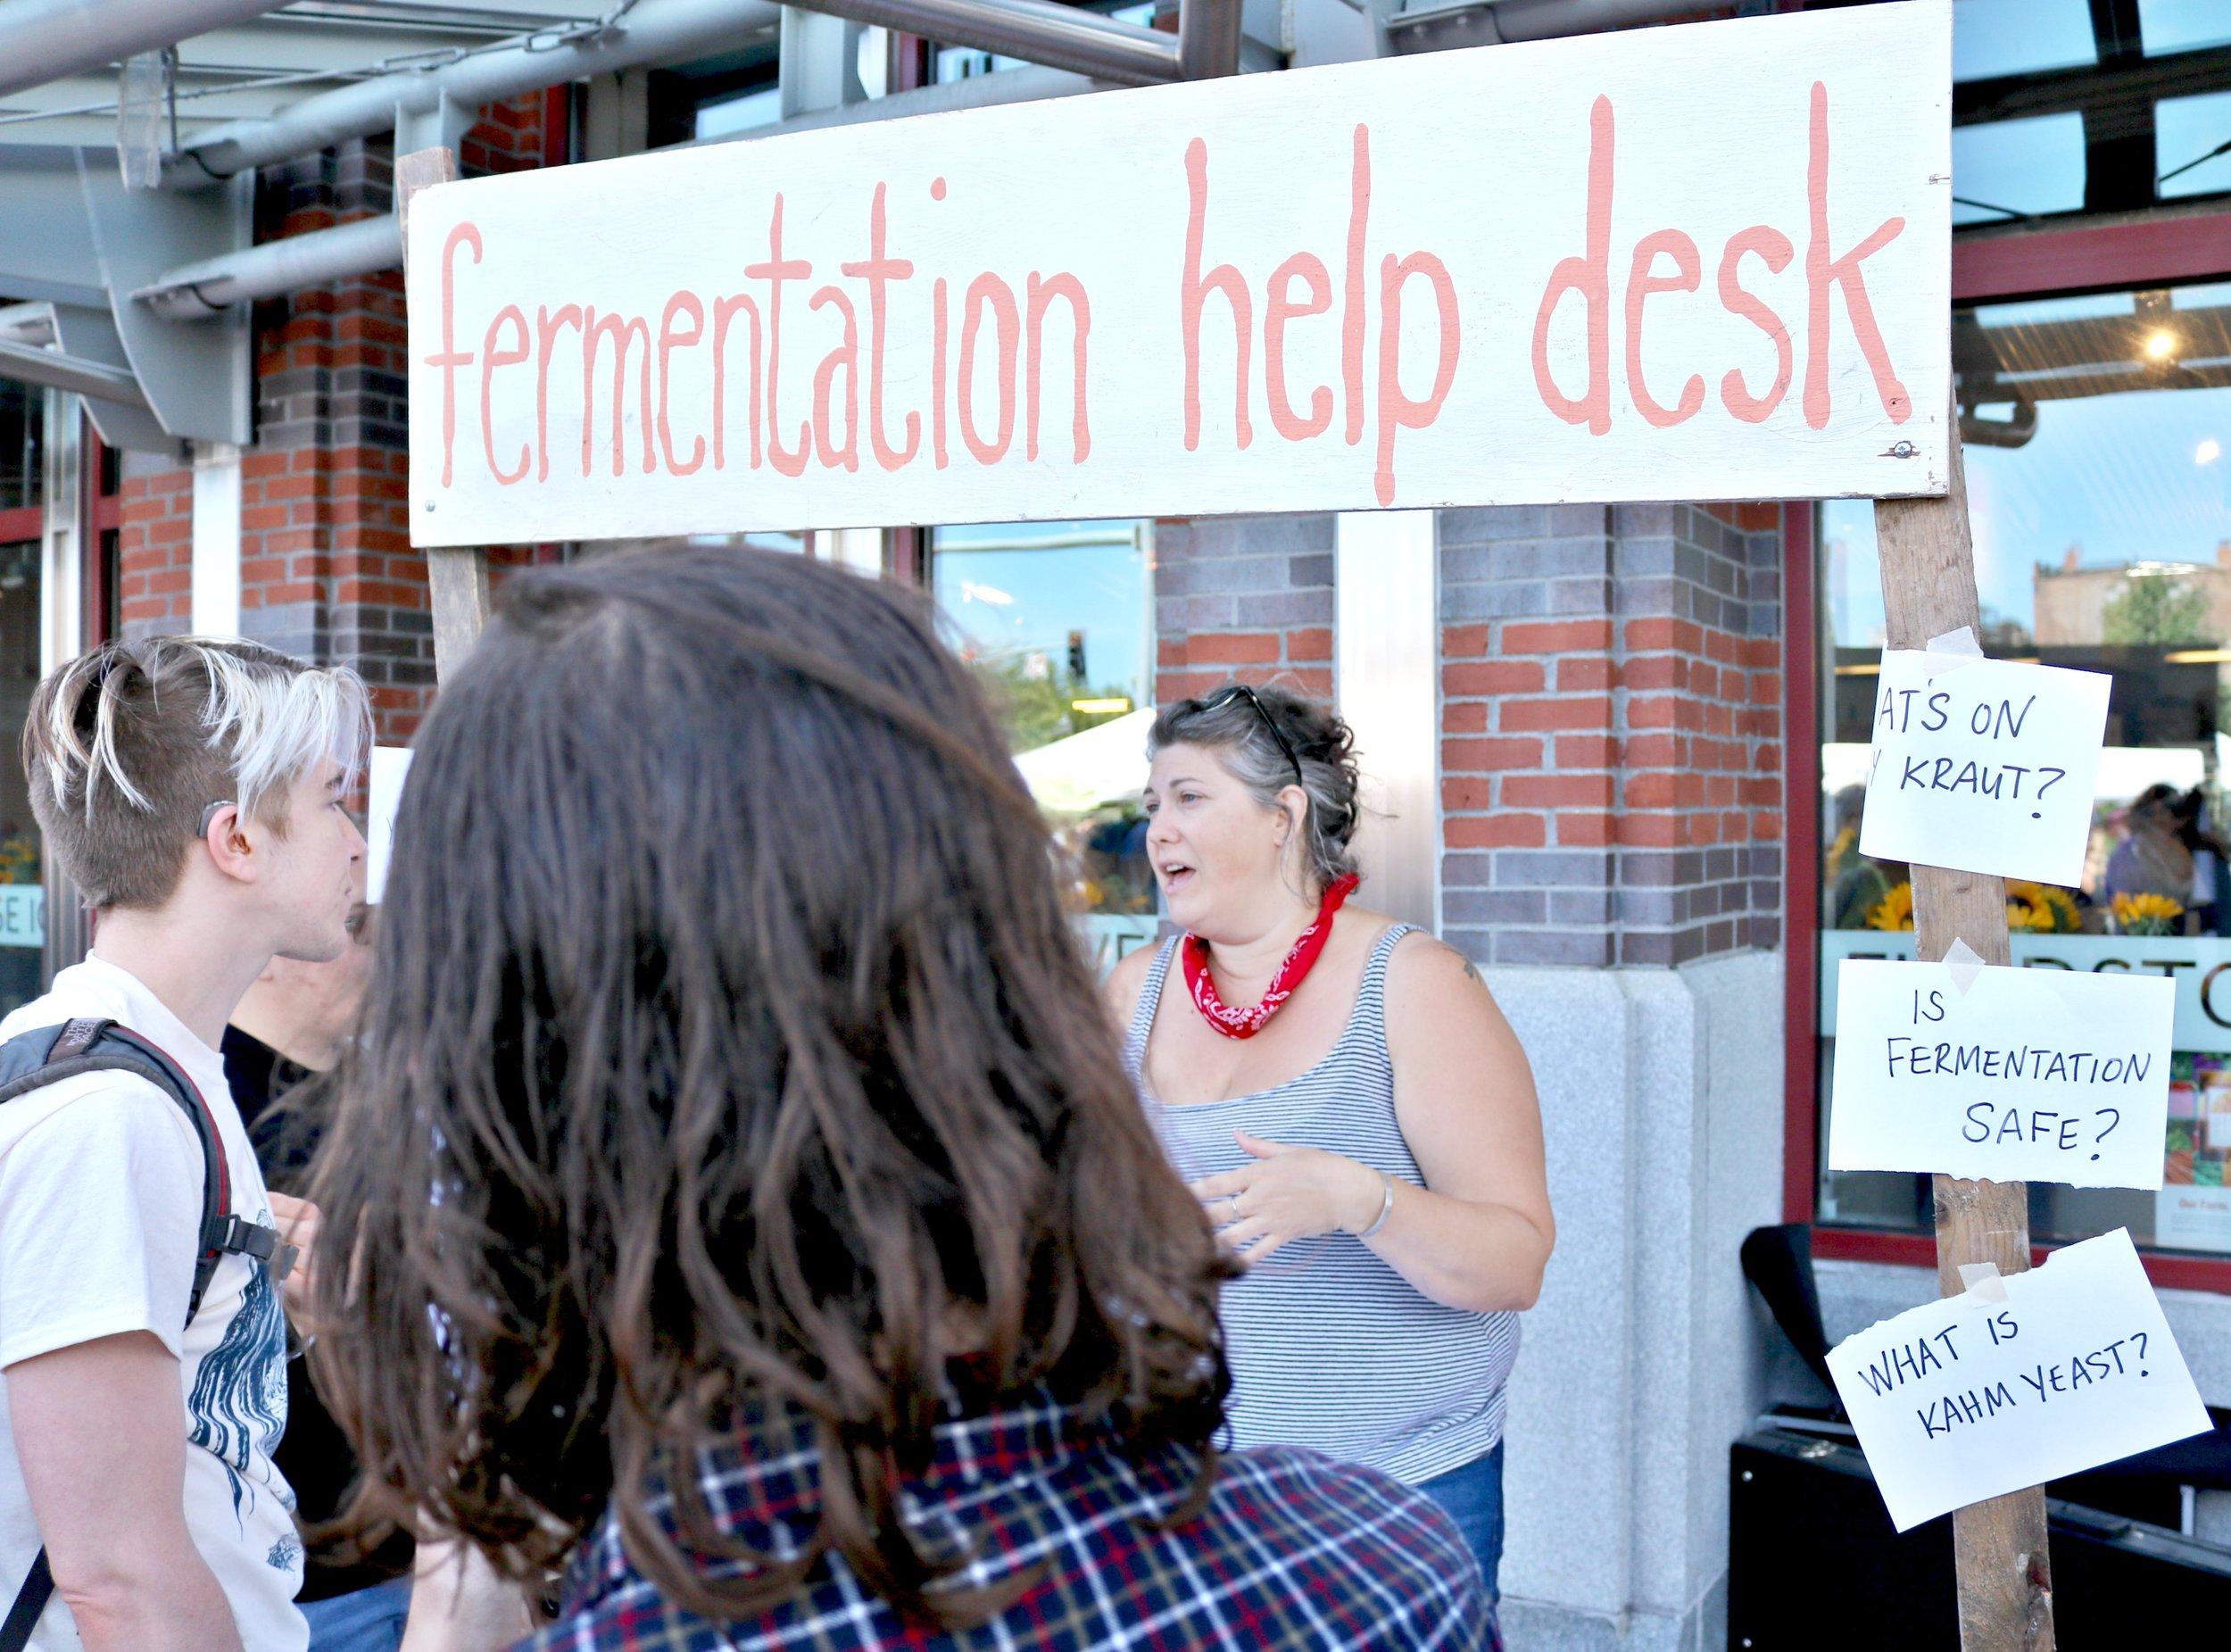 info help desk 2.jpg